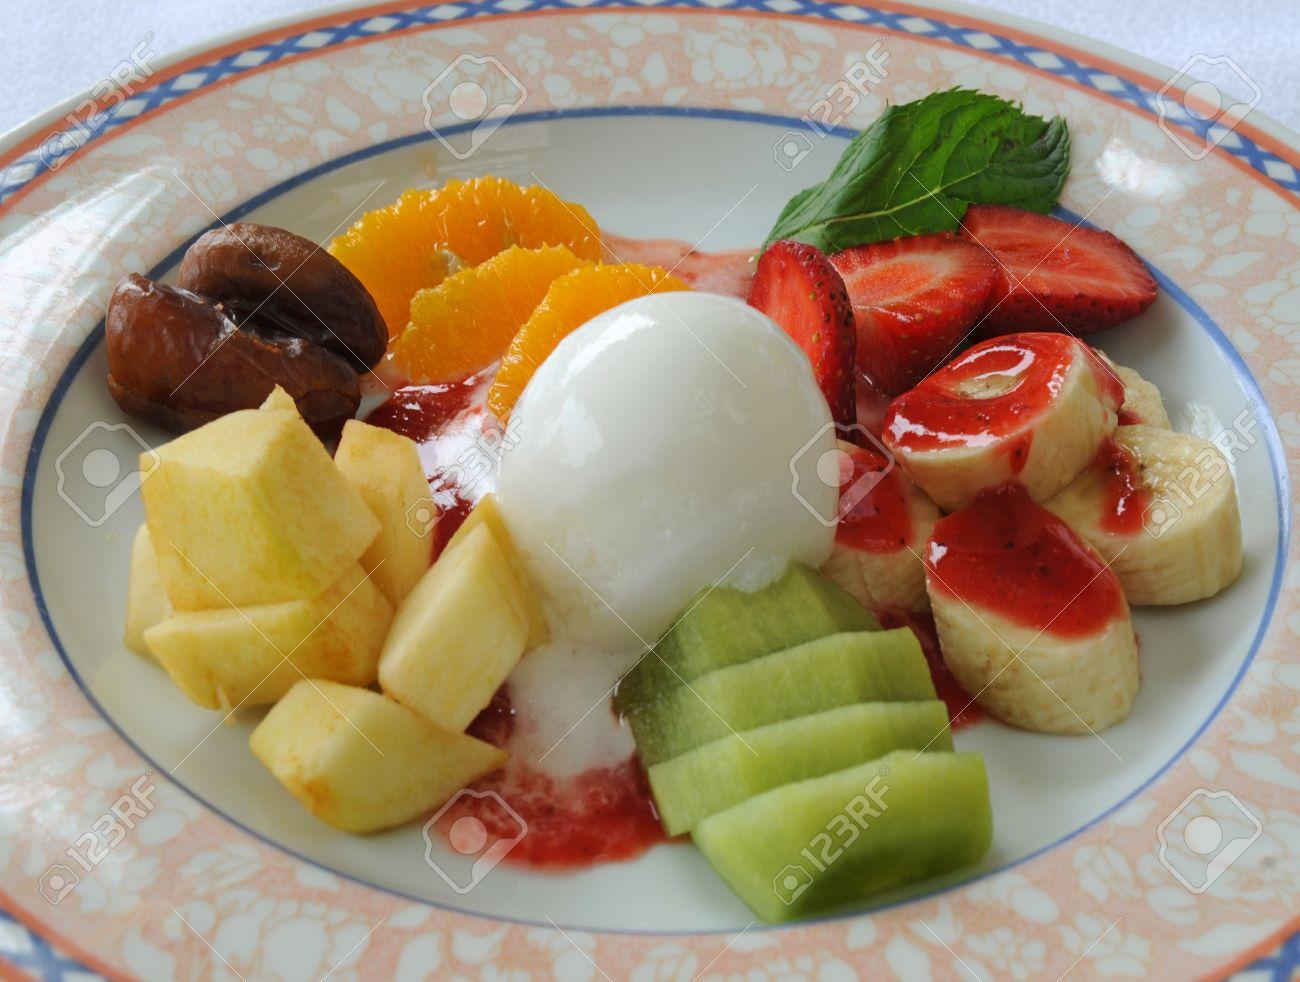 16018353-Les-fruits-frais-sont-r-partis-compl-t-avec-de-la-glace-Le-dessert-est-situ-sur-la-plaque-de-vacance-Banque-d'images